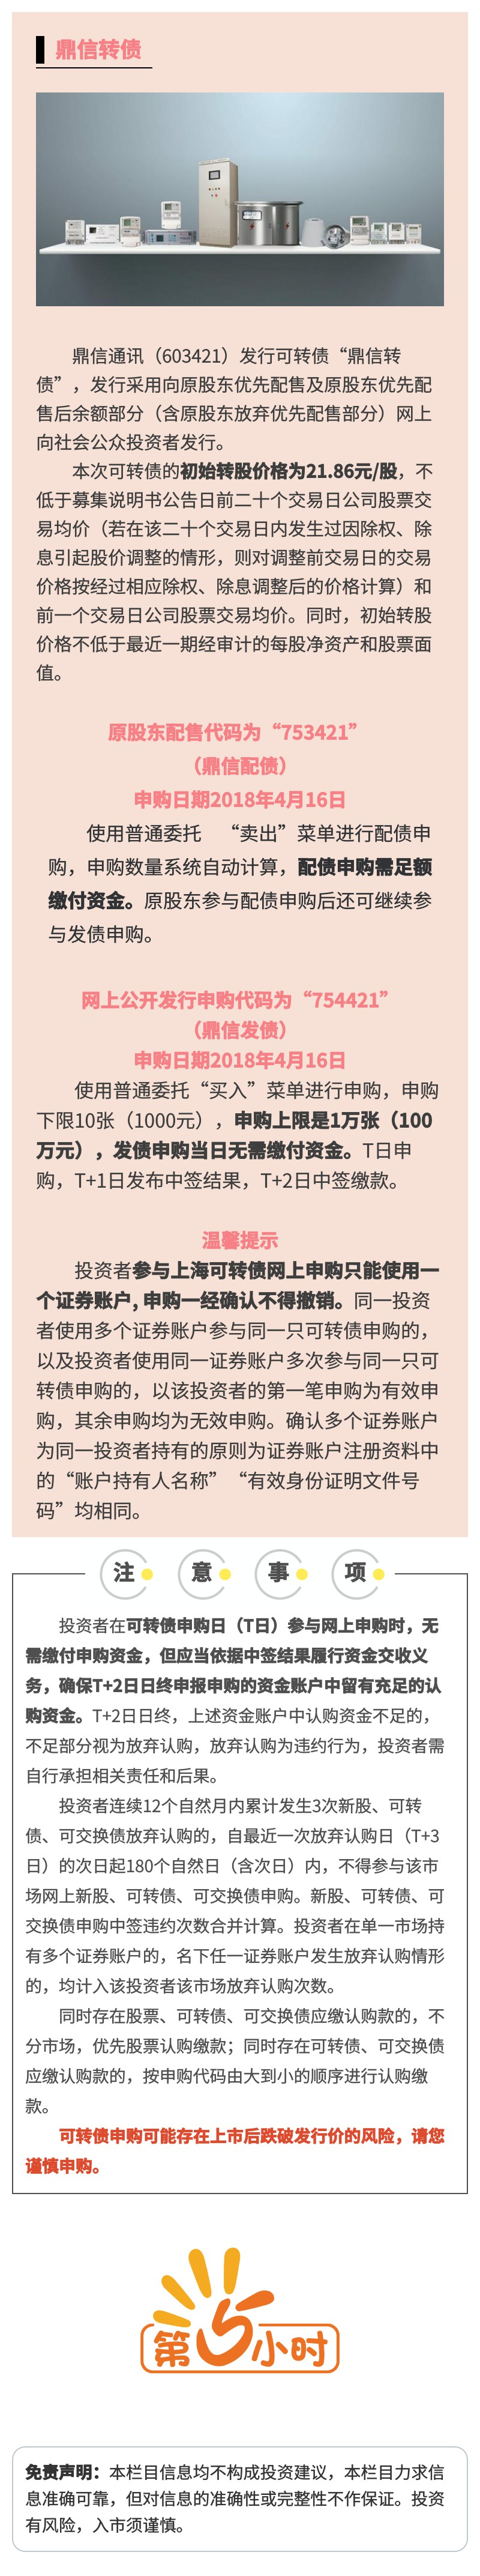 【新债申购】鼎信通讯(603421)公开发行可转换公司债.jpg